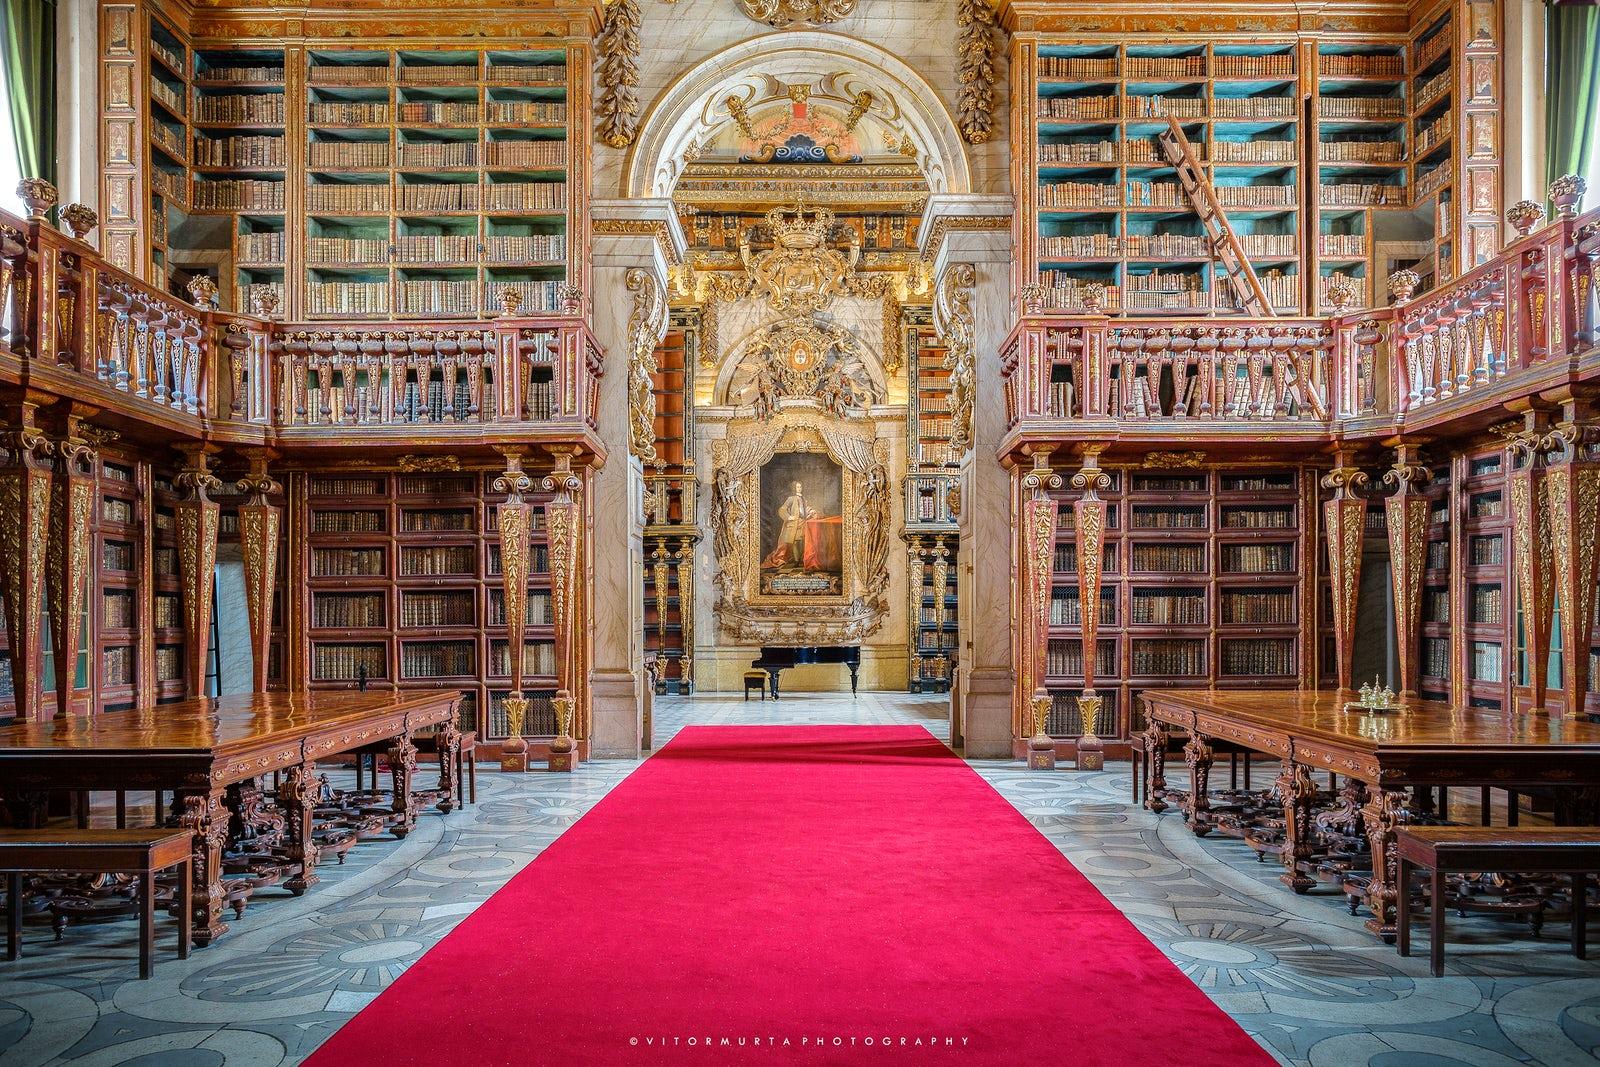 Interior da Biblioteca Joanina, com piano de cauda e pintura ao fundo, Universidade de Coimbra. Imagem ilustrativa texto bibliotecas mais bonitas do mundo.